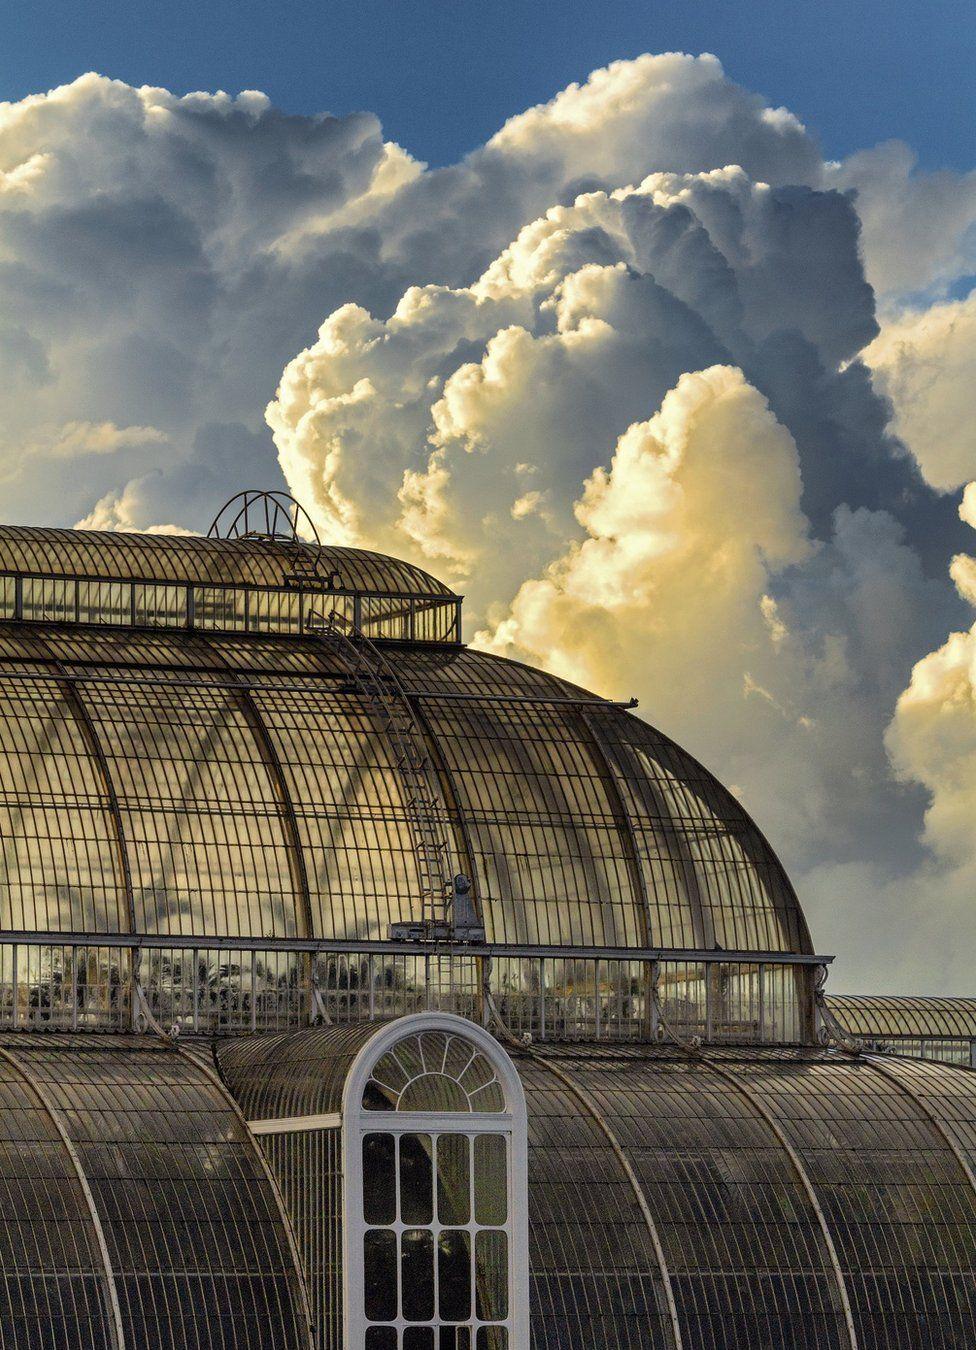 Королевские ботанические сады Кью в юго-западной части Лондона.